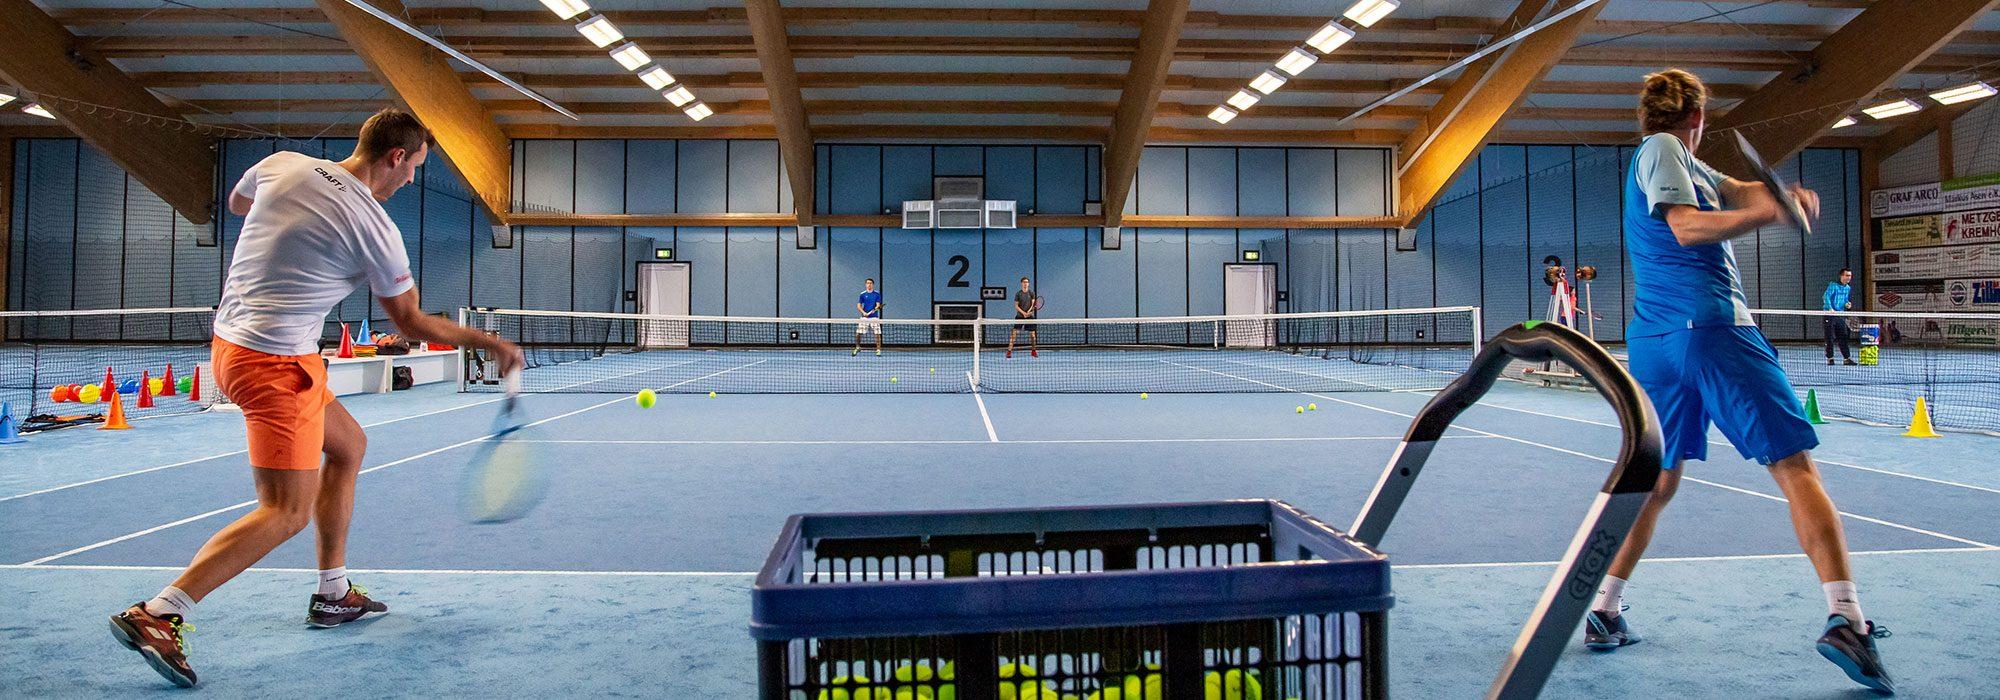 Tennis-Vereinstraining für Mannschaften | Tennisschule Knogler